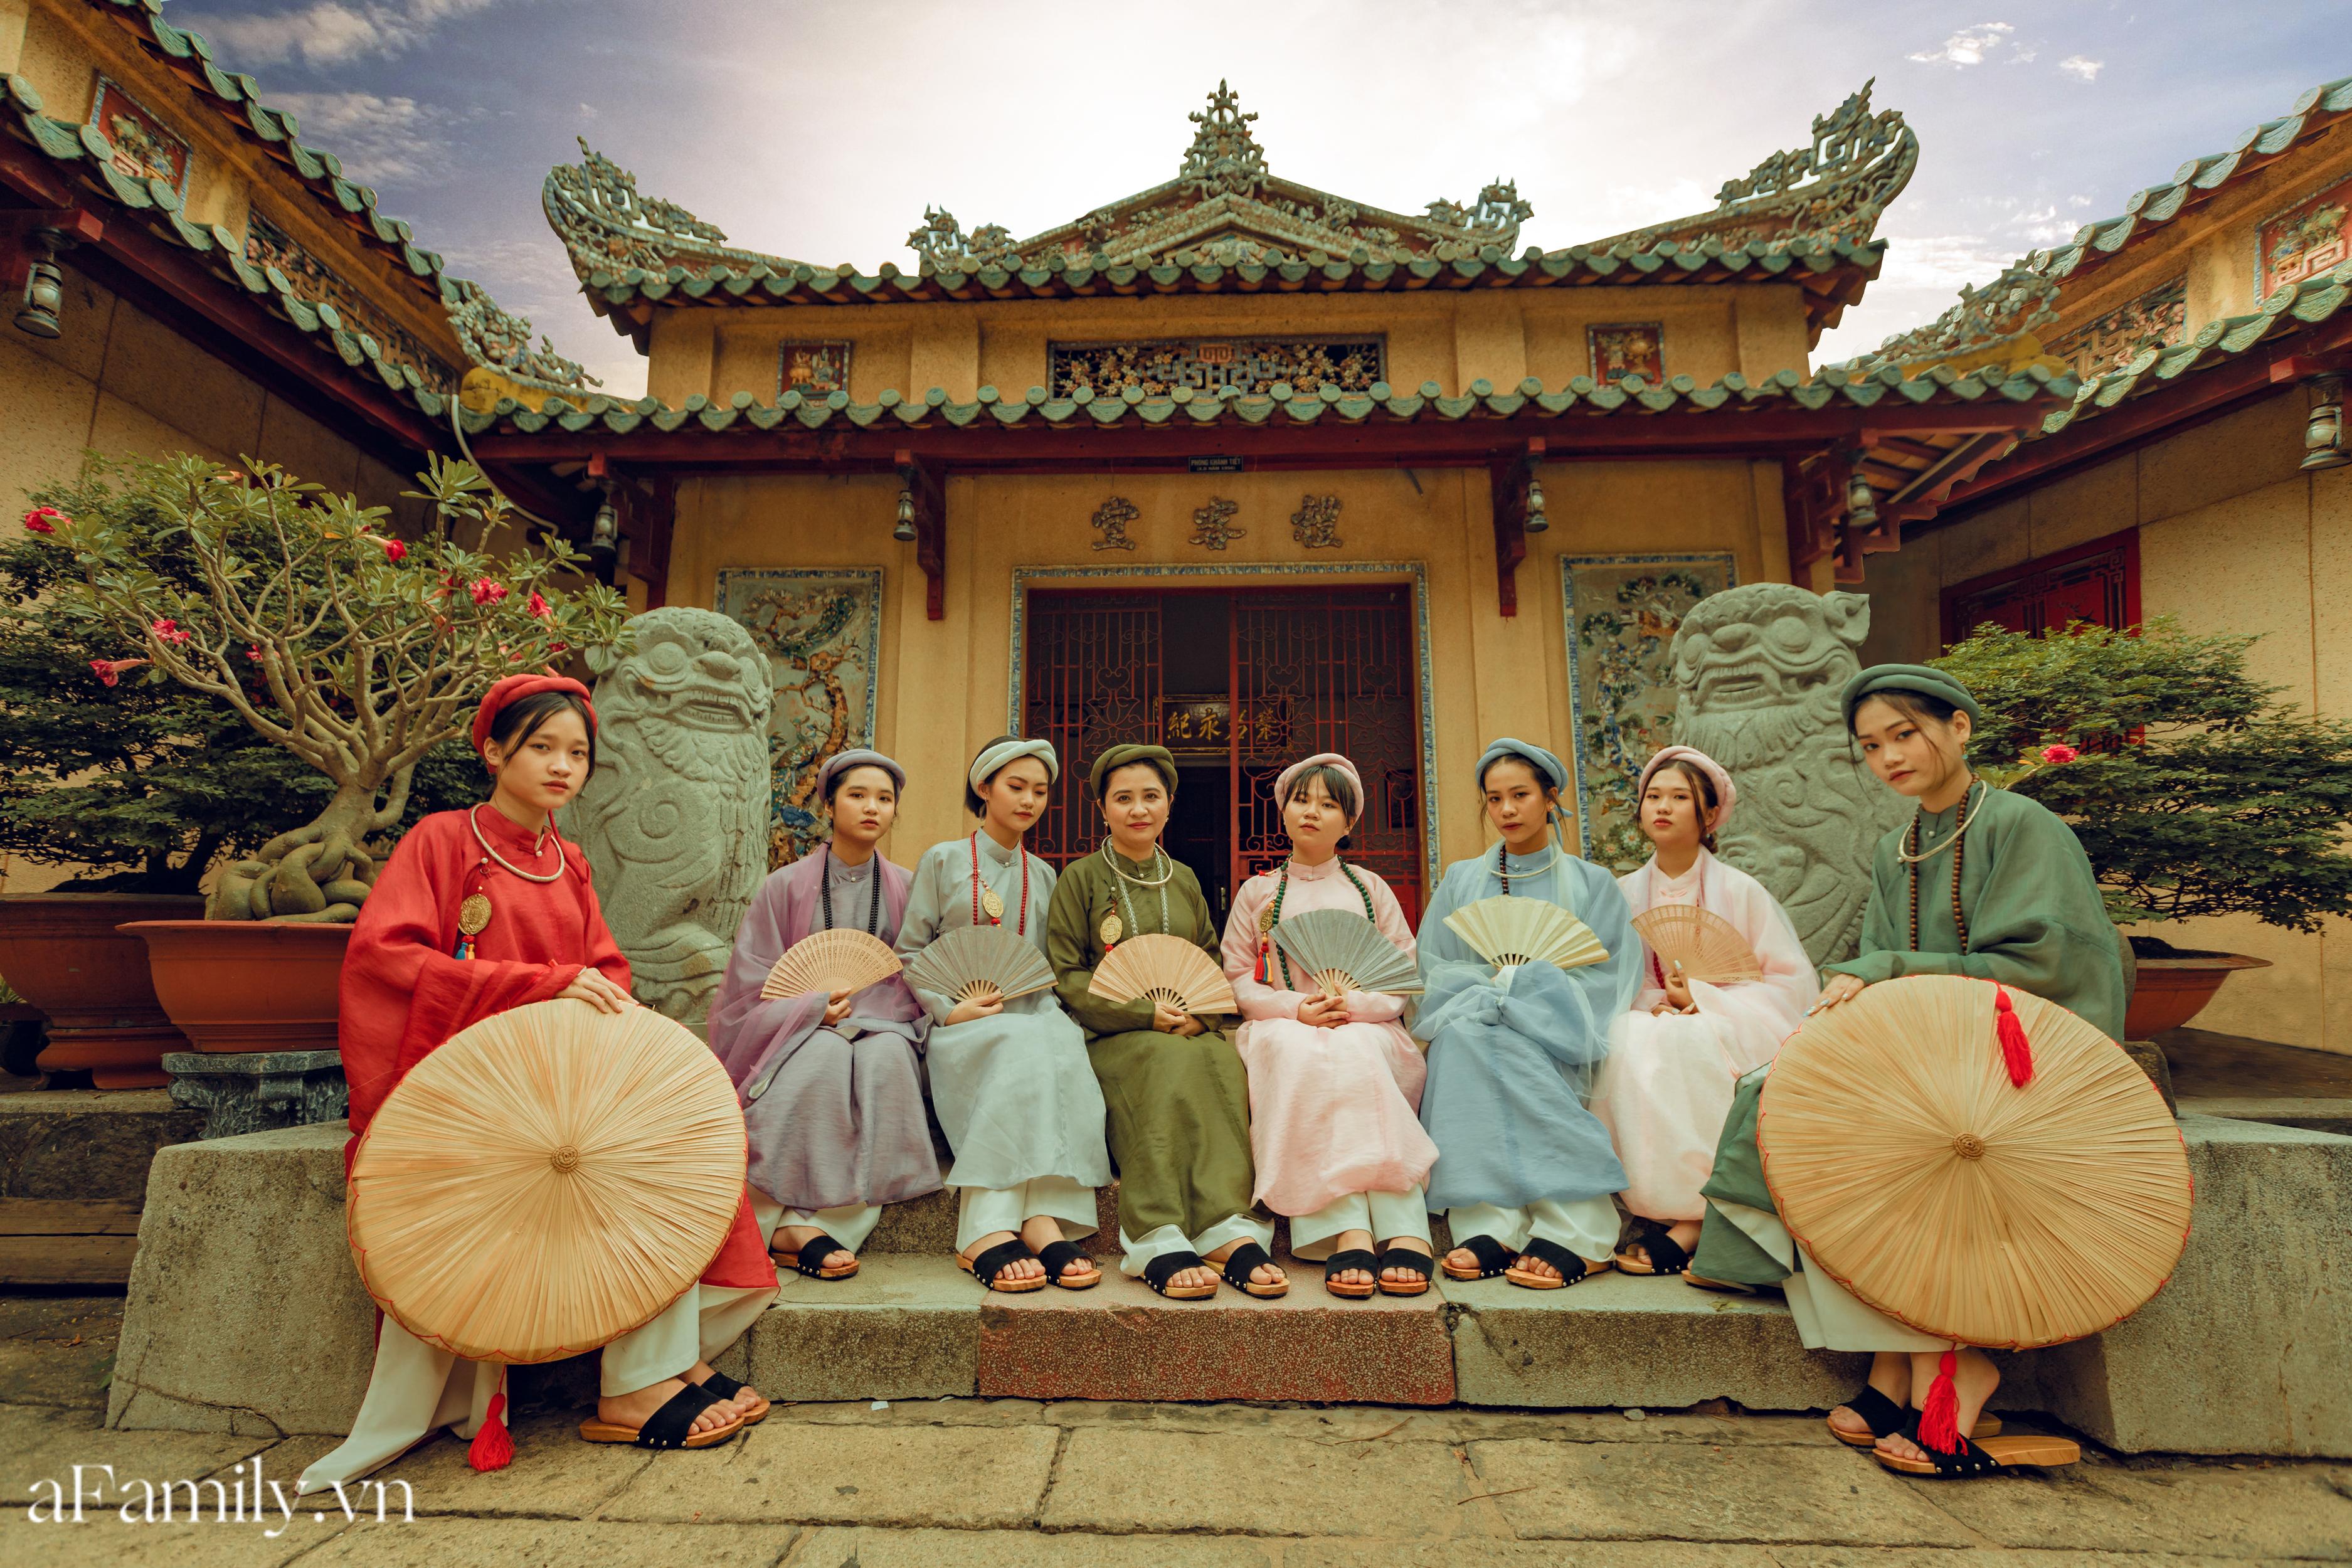 """Nhóm học sinh cấp 3 tìm về nét đẹp truyền thống, diện nguyên dàn cổ phục Việt chụp ảnh kỷ yếu, nhanh chóng thành tạo """"hot trend"""" trên mạng xã hội - Ảnh 3."""